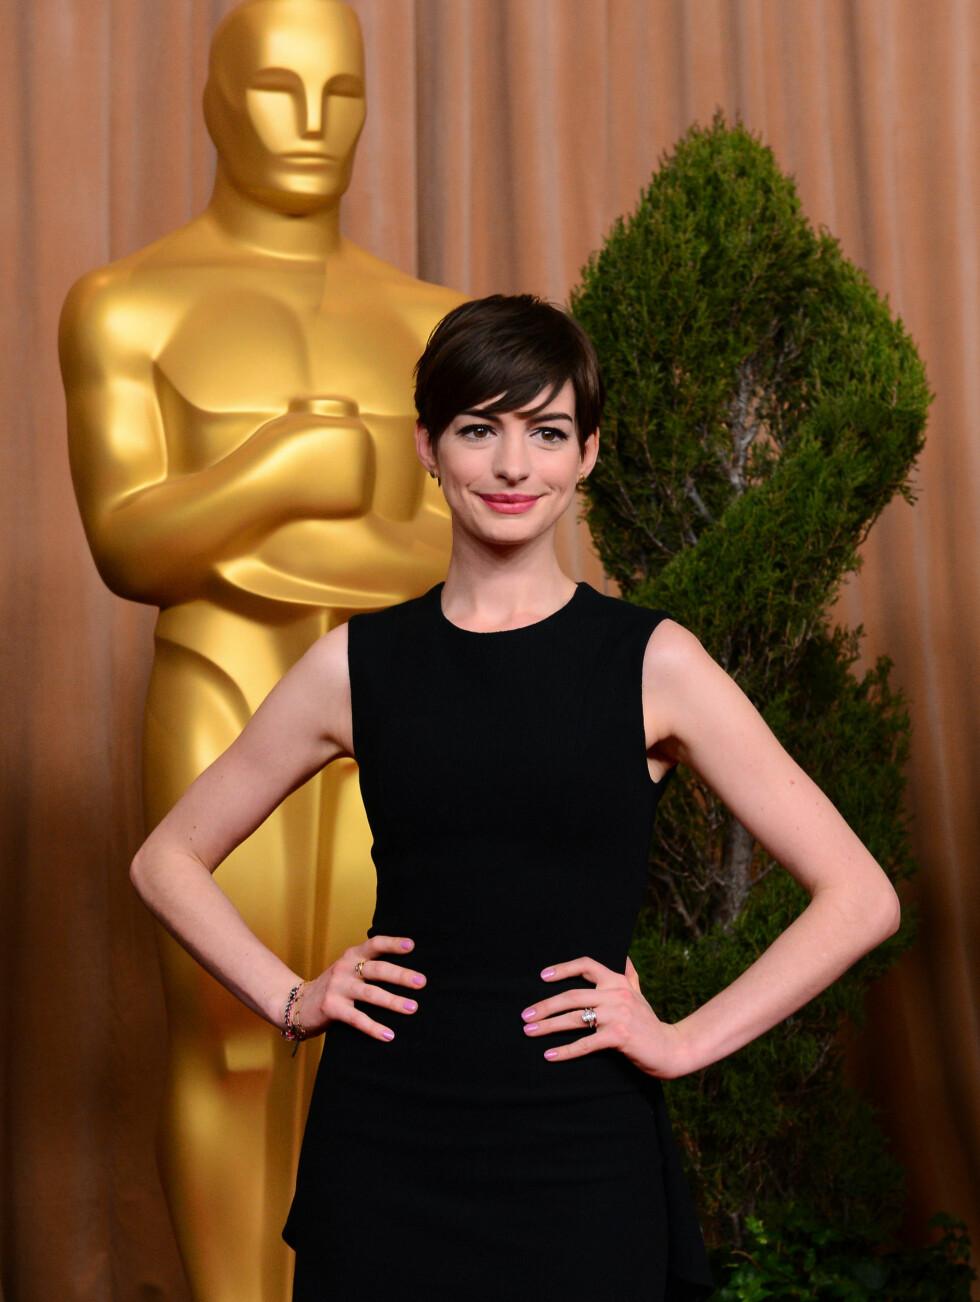 BORT MED LOKKENE: I fjor klippet Anne Hathaway seg da hun fikk hovedrollen i musikalen Les Miserables, og har beholdt den korte frisyren. Foto: UPI